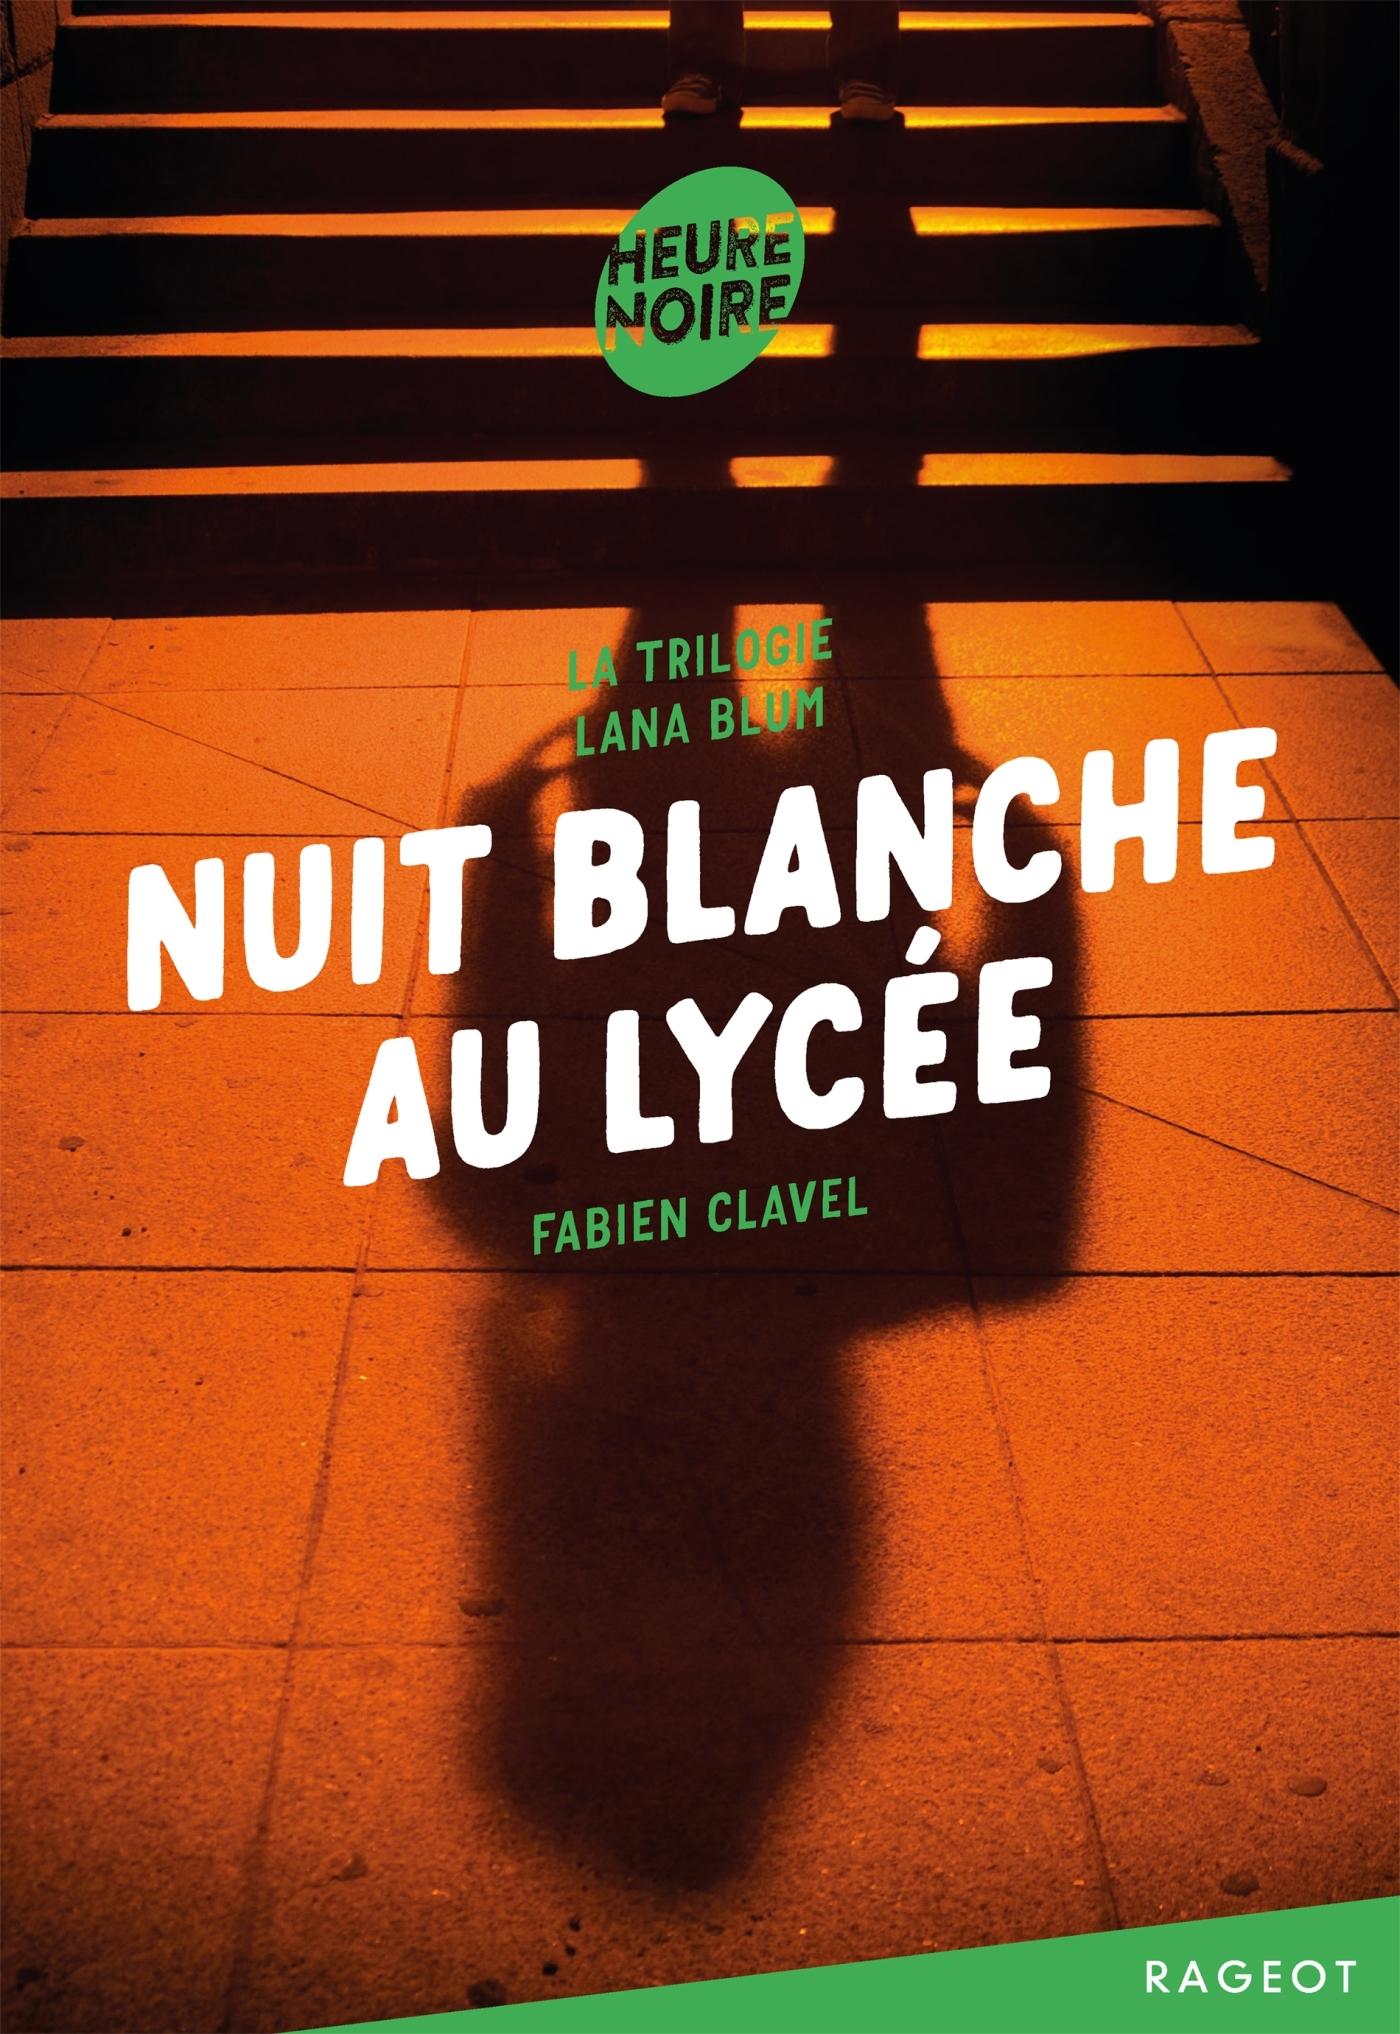 LA TRILOGIE LANA BLUM -NUIT BLANCHE AU LYCEE